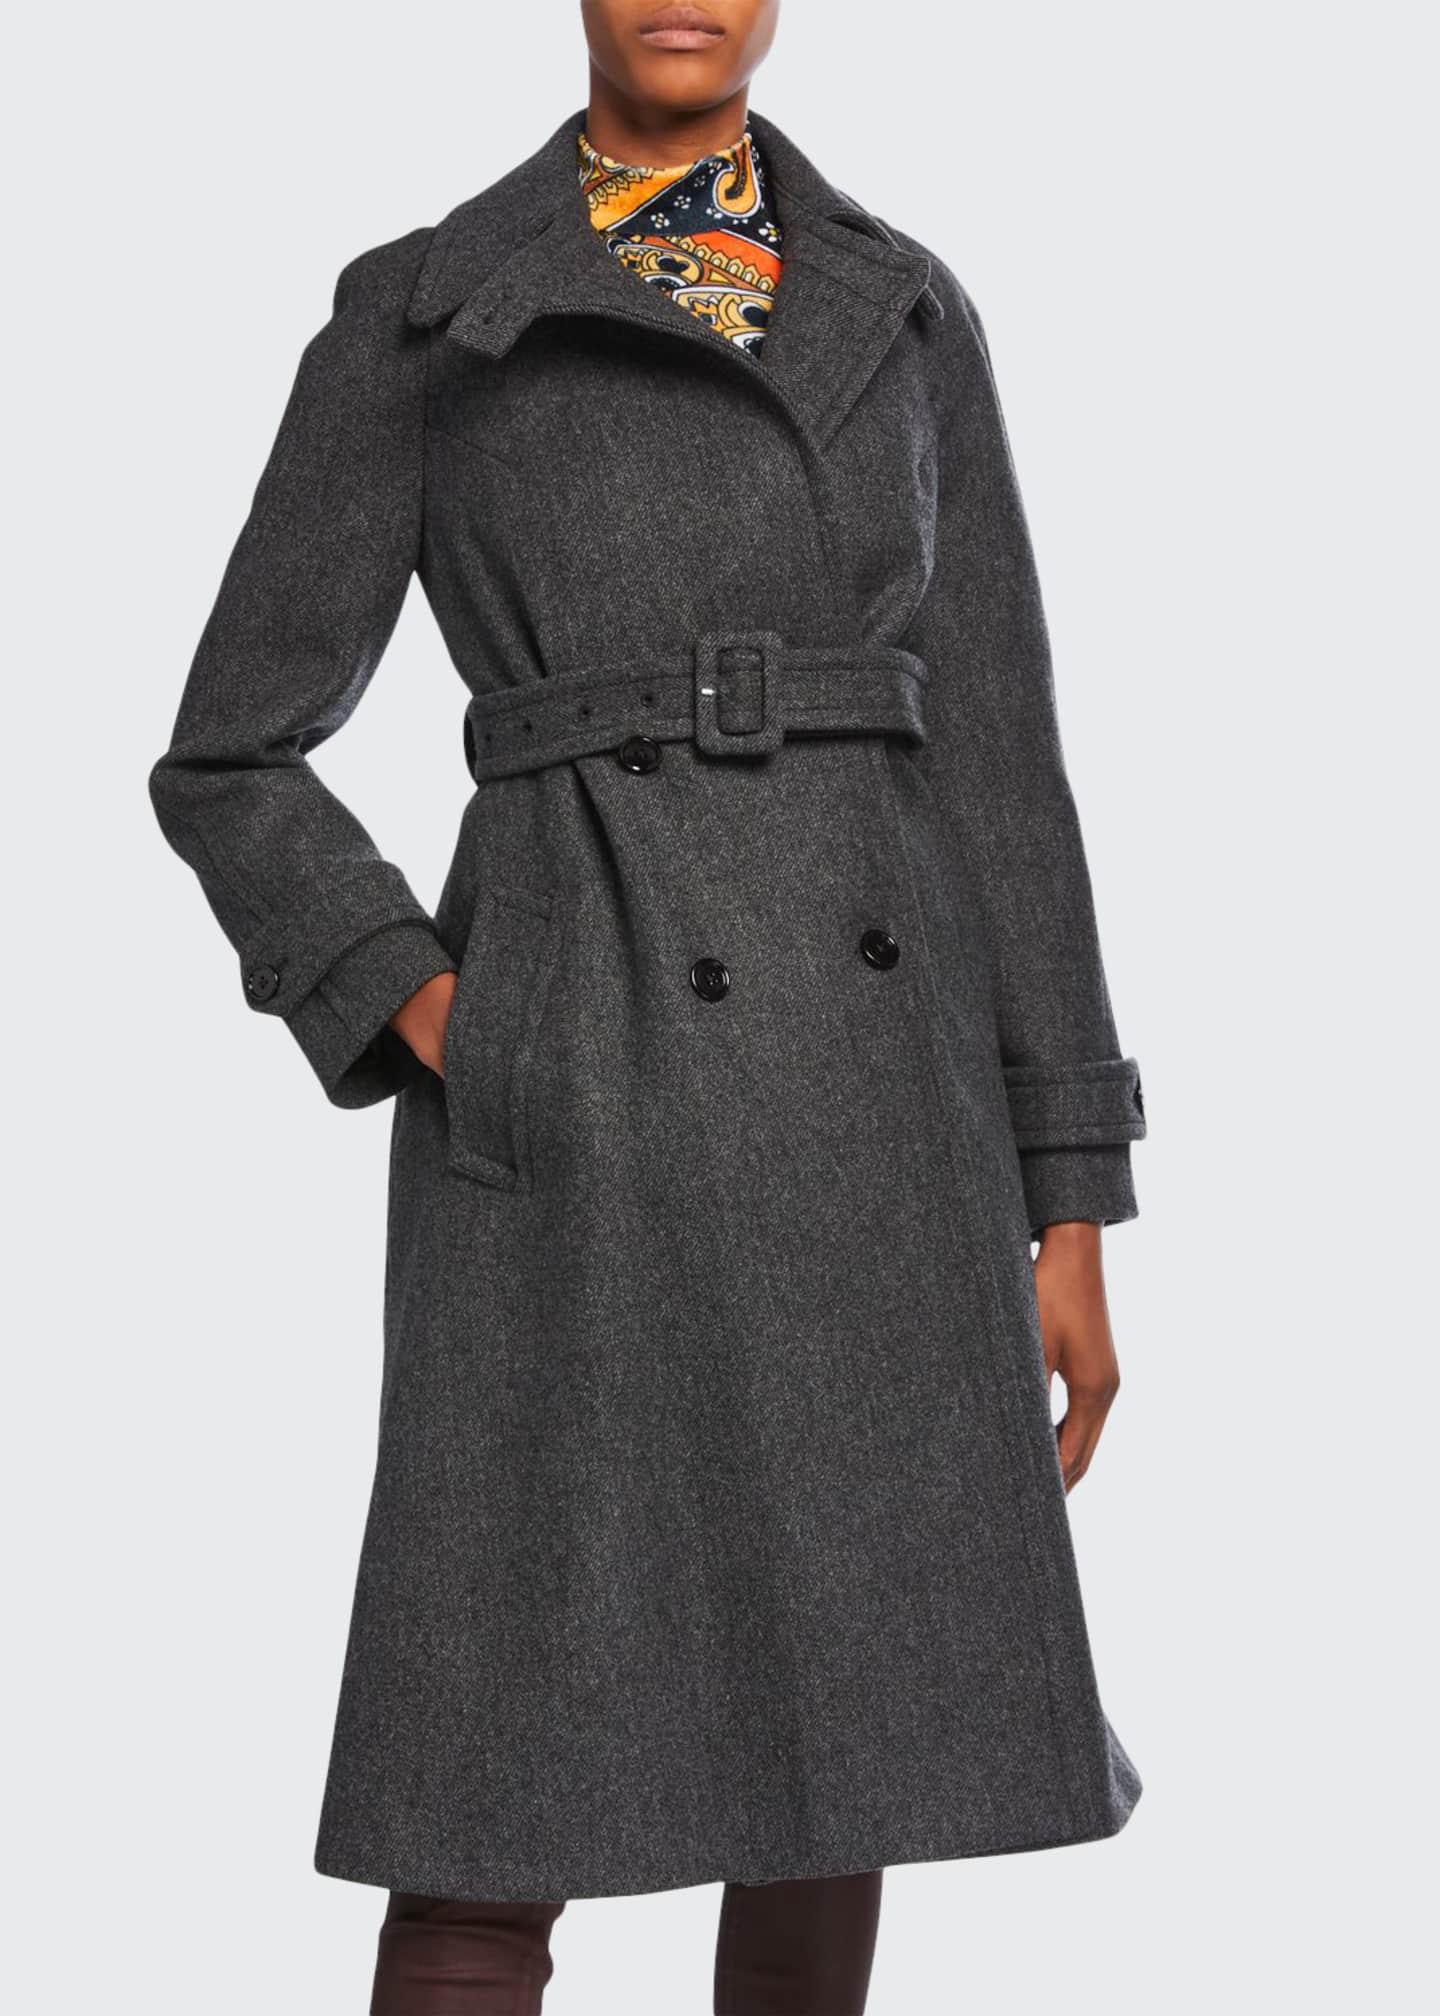 Dries Van Noten Wool Trench Coat